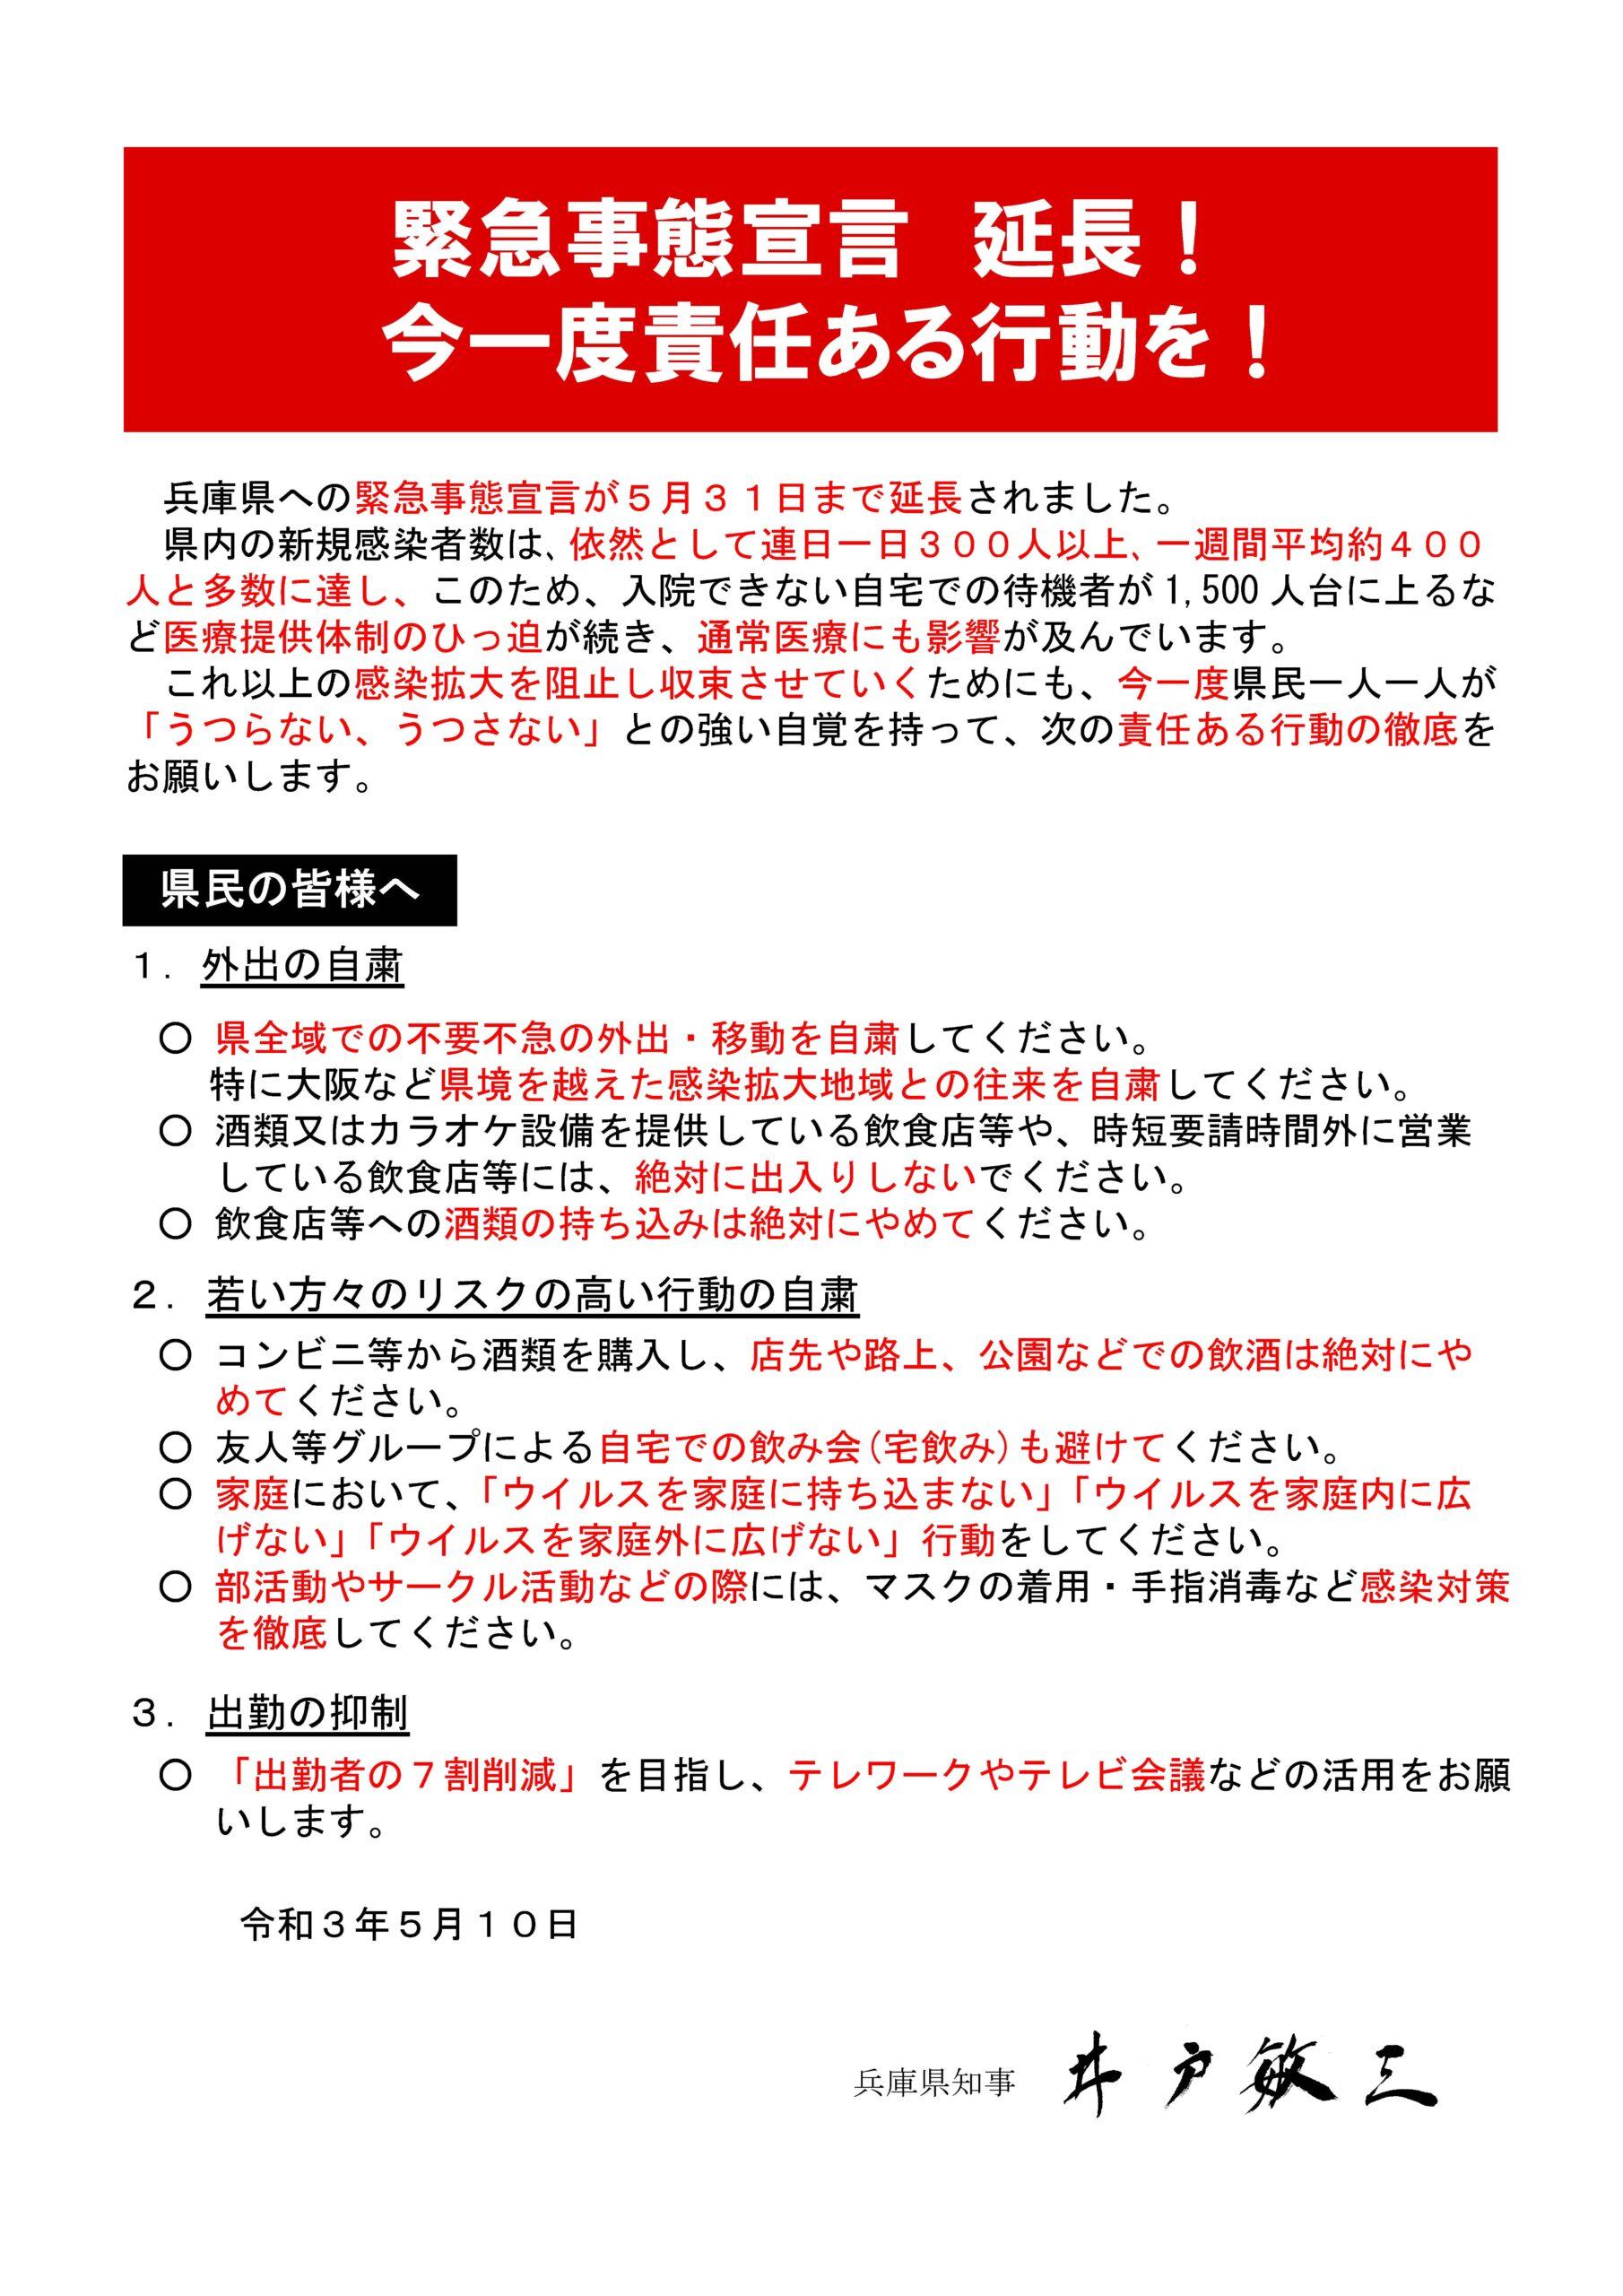 知事メッセージ(令和3年5月10日)